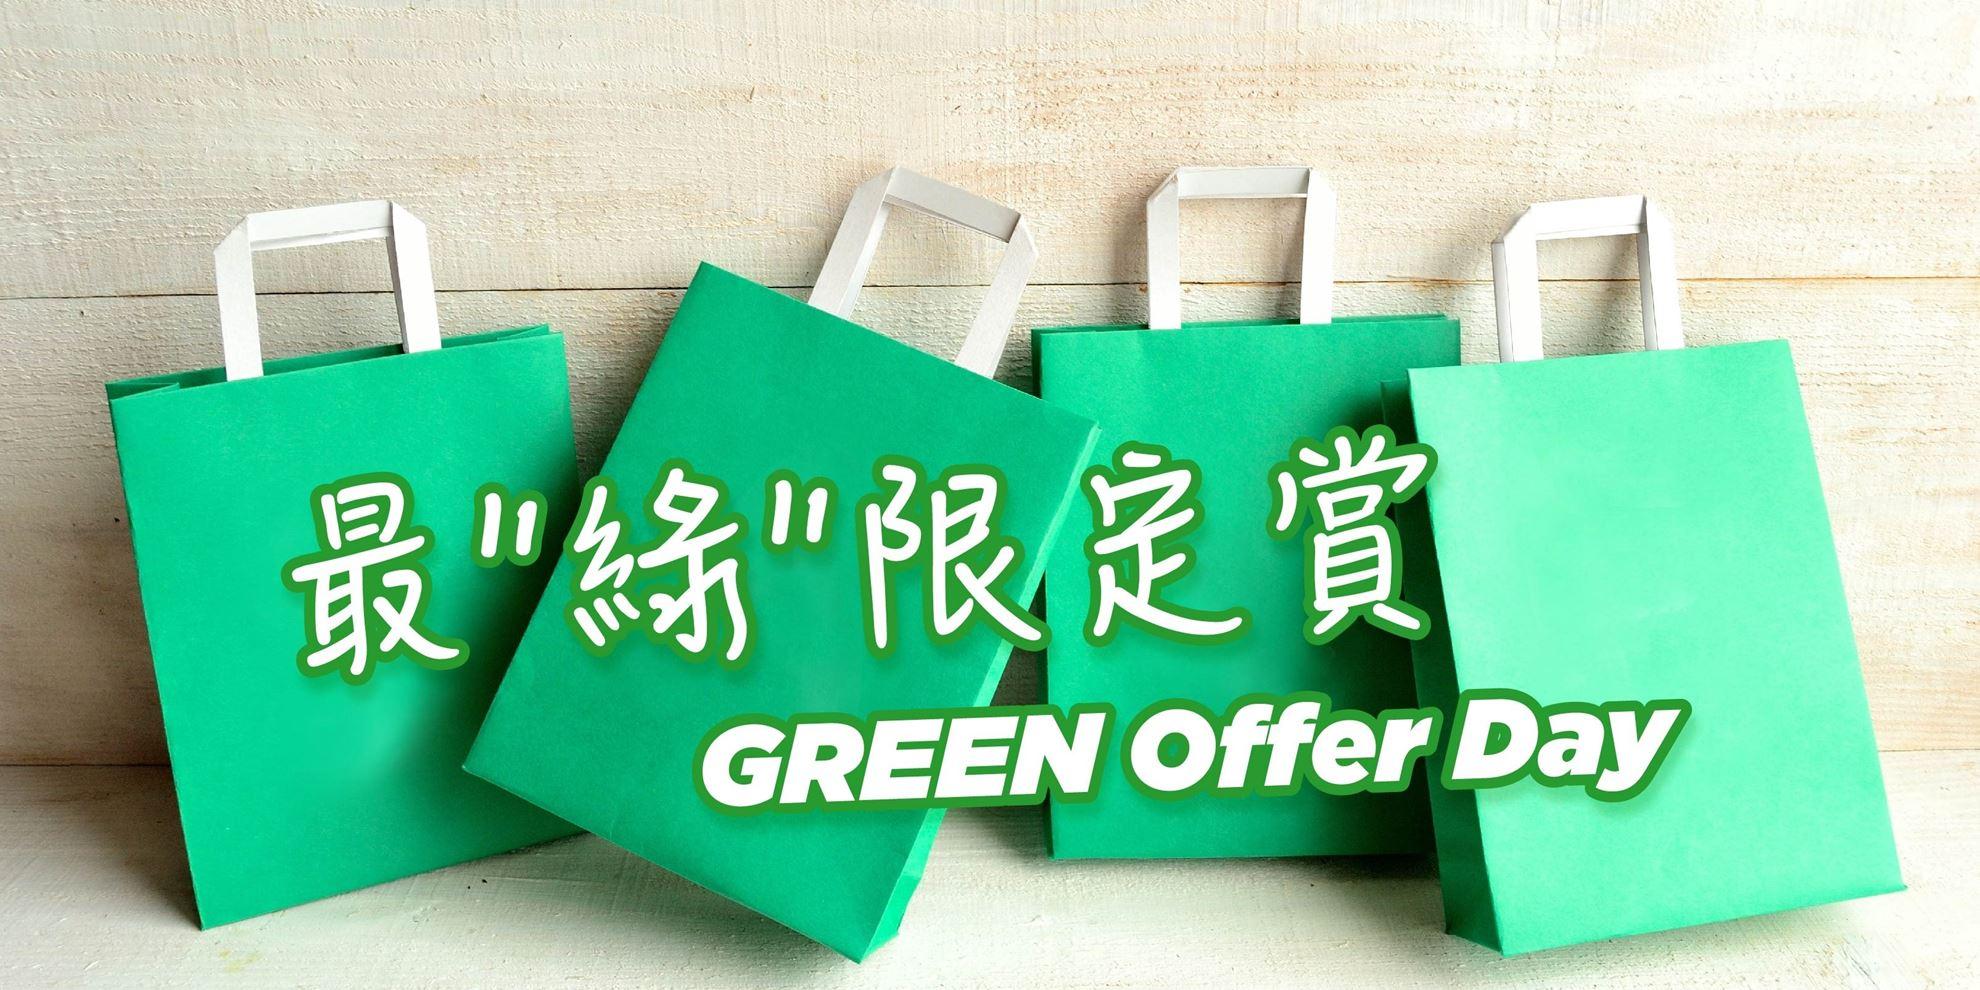 最「綠」限定賞 (即將登場)